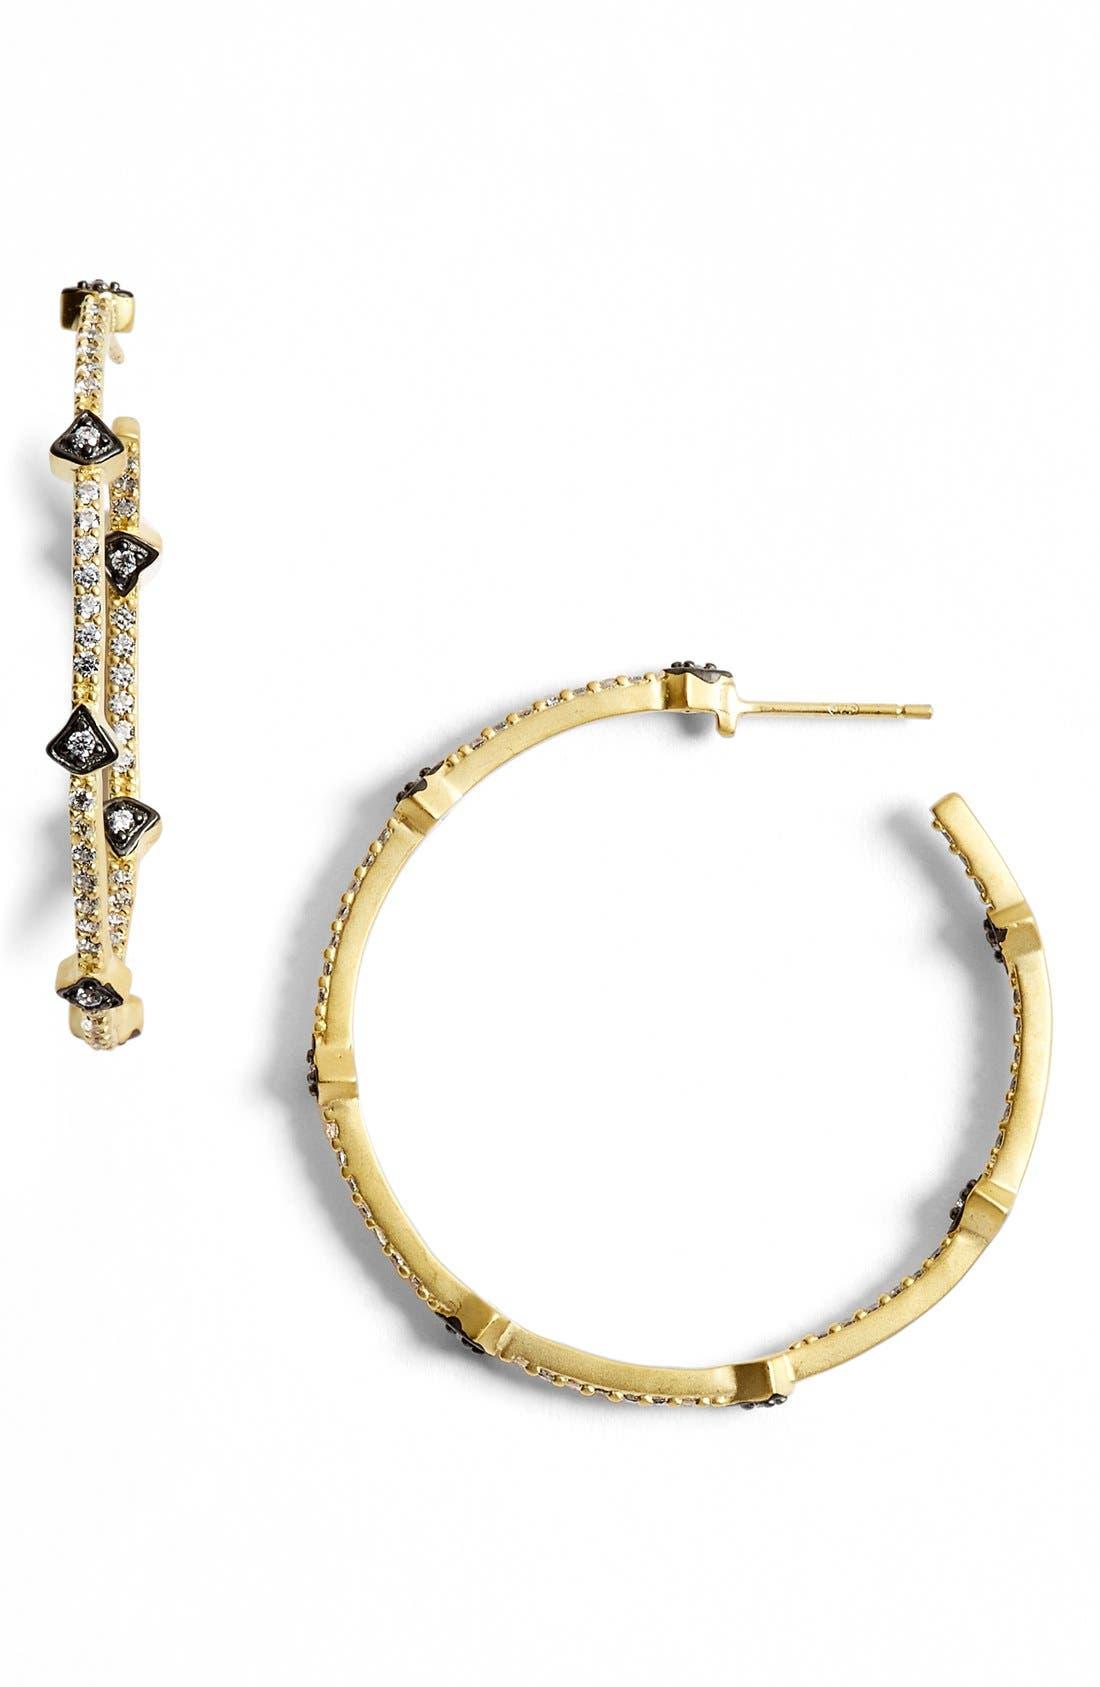 Alternate Image 1 Selected - FREIDA ROTHMAN 'Metropolitan' Inside Out Hoop Earrings